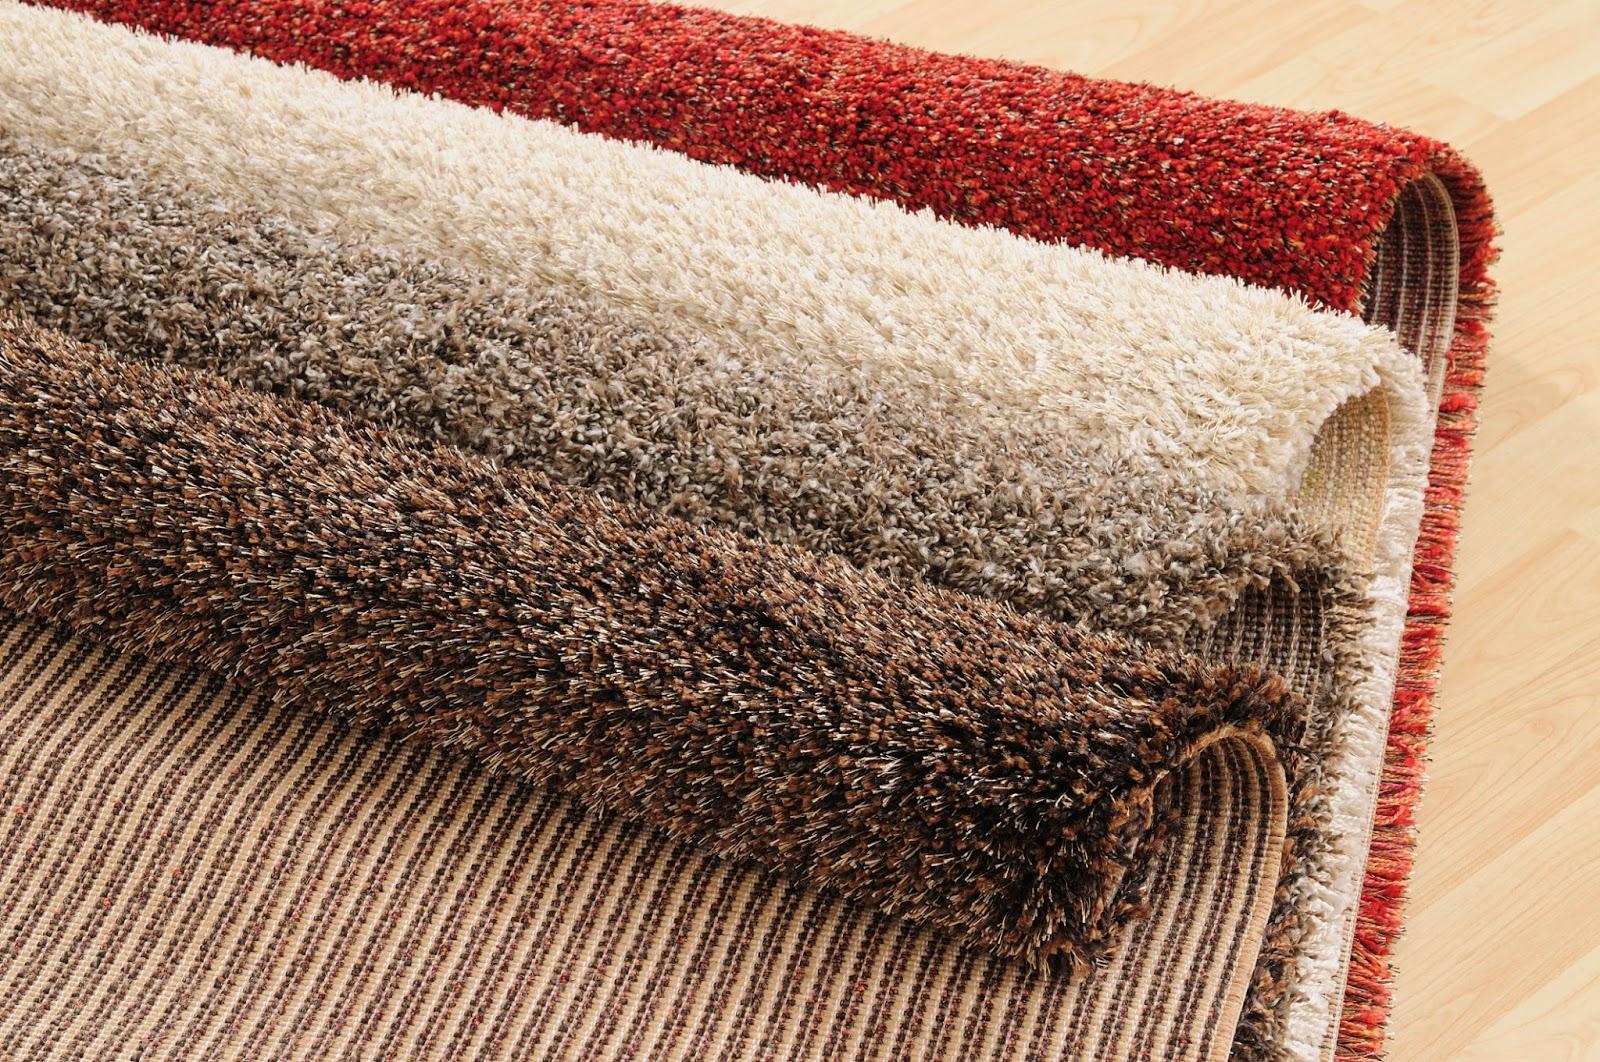 karpet terliha kotor sekali dan perlu dibersihkan